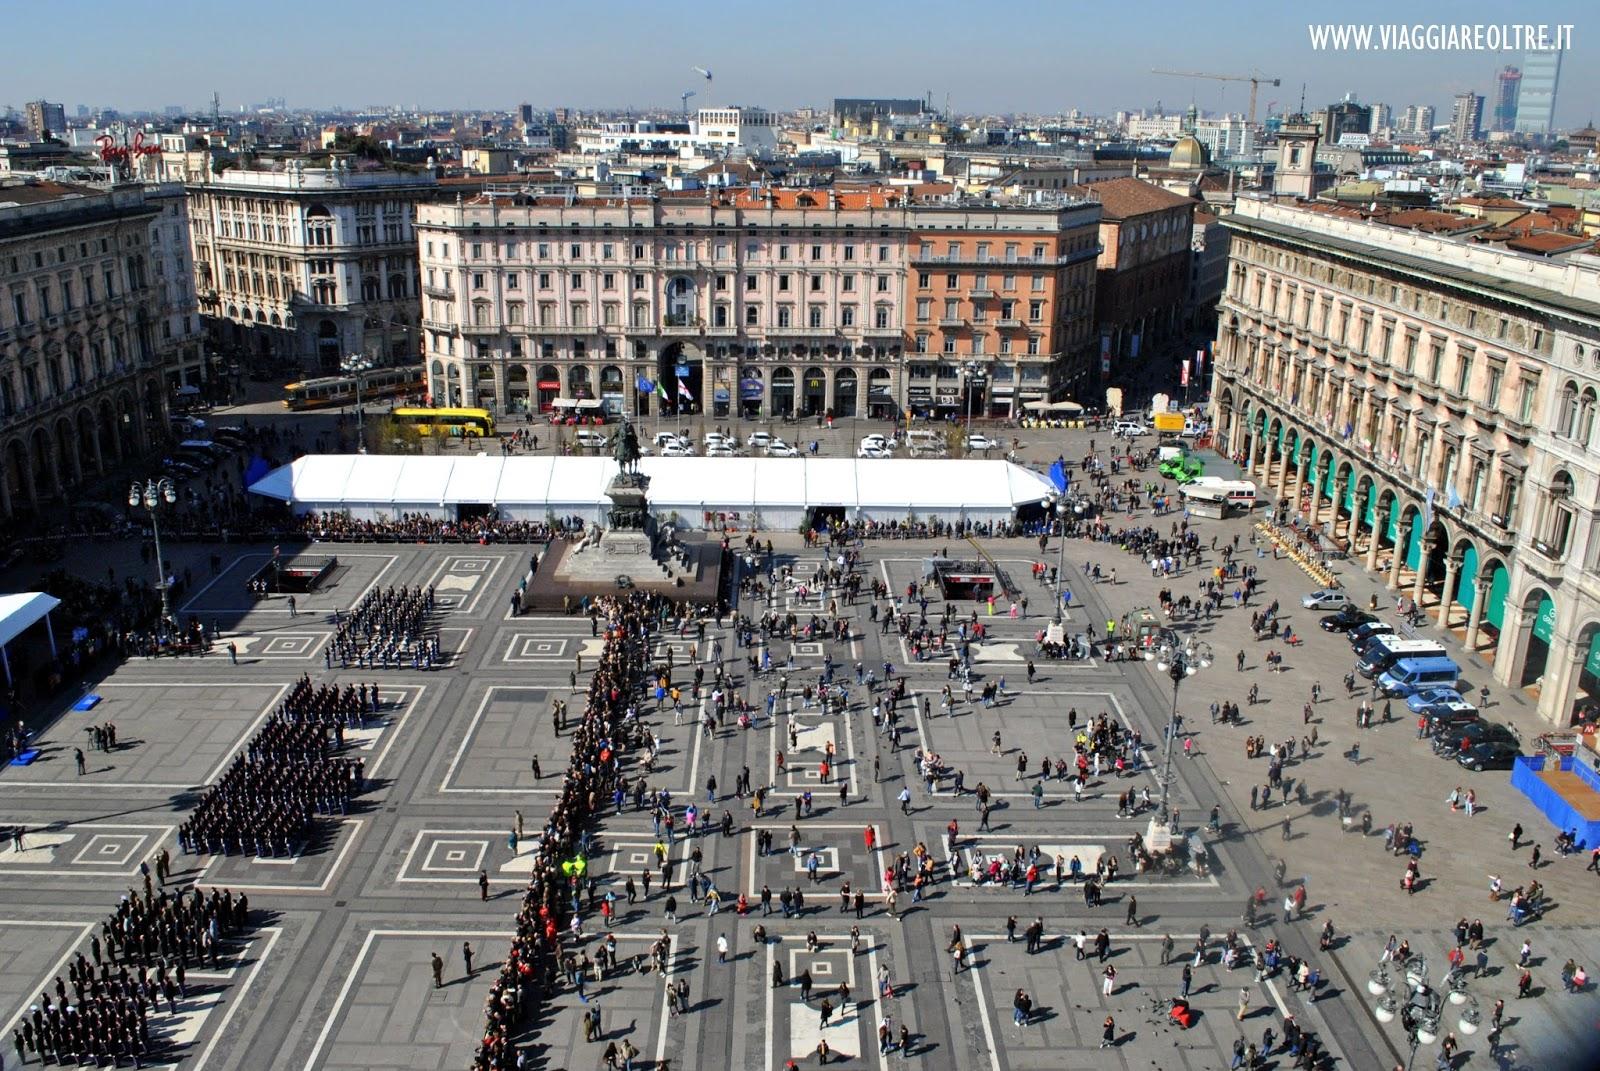 Visita Alle Terrazze Del Duomo Di Milano Viaggiare Oltre